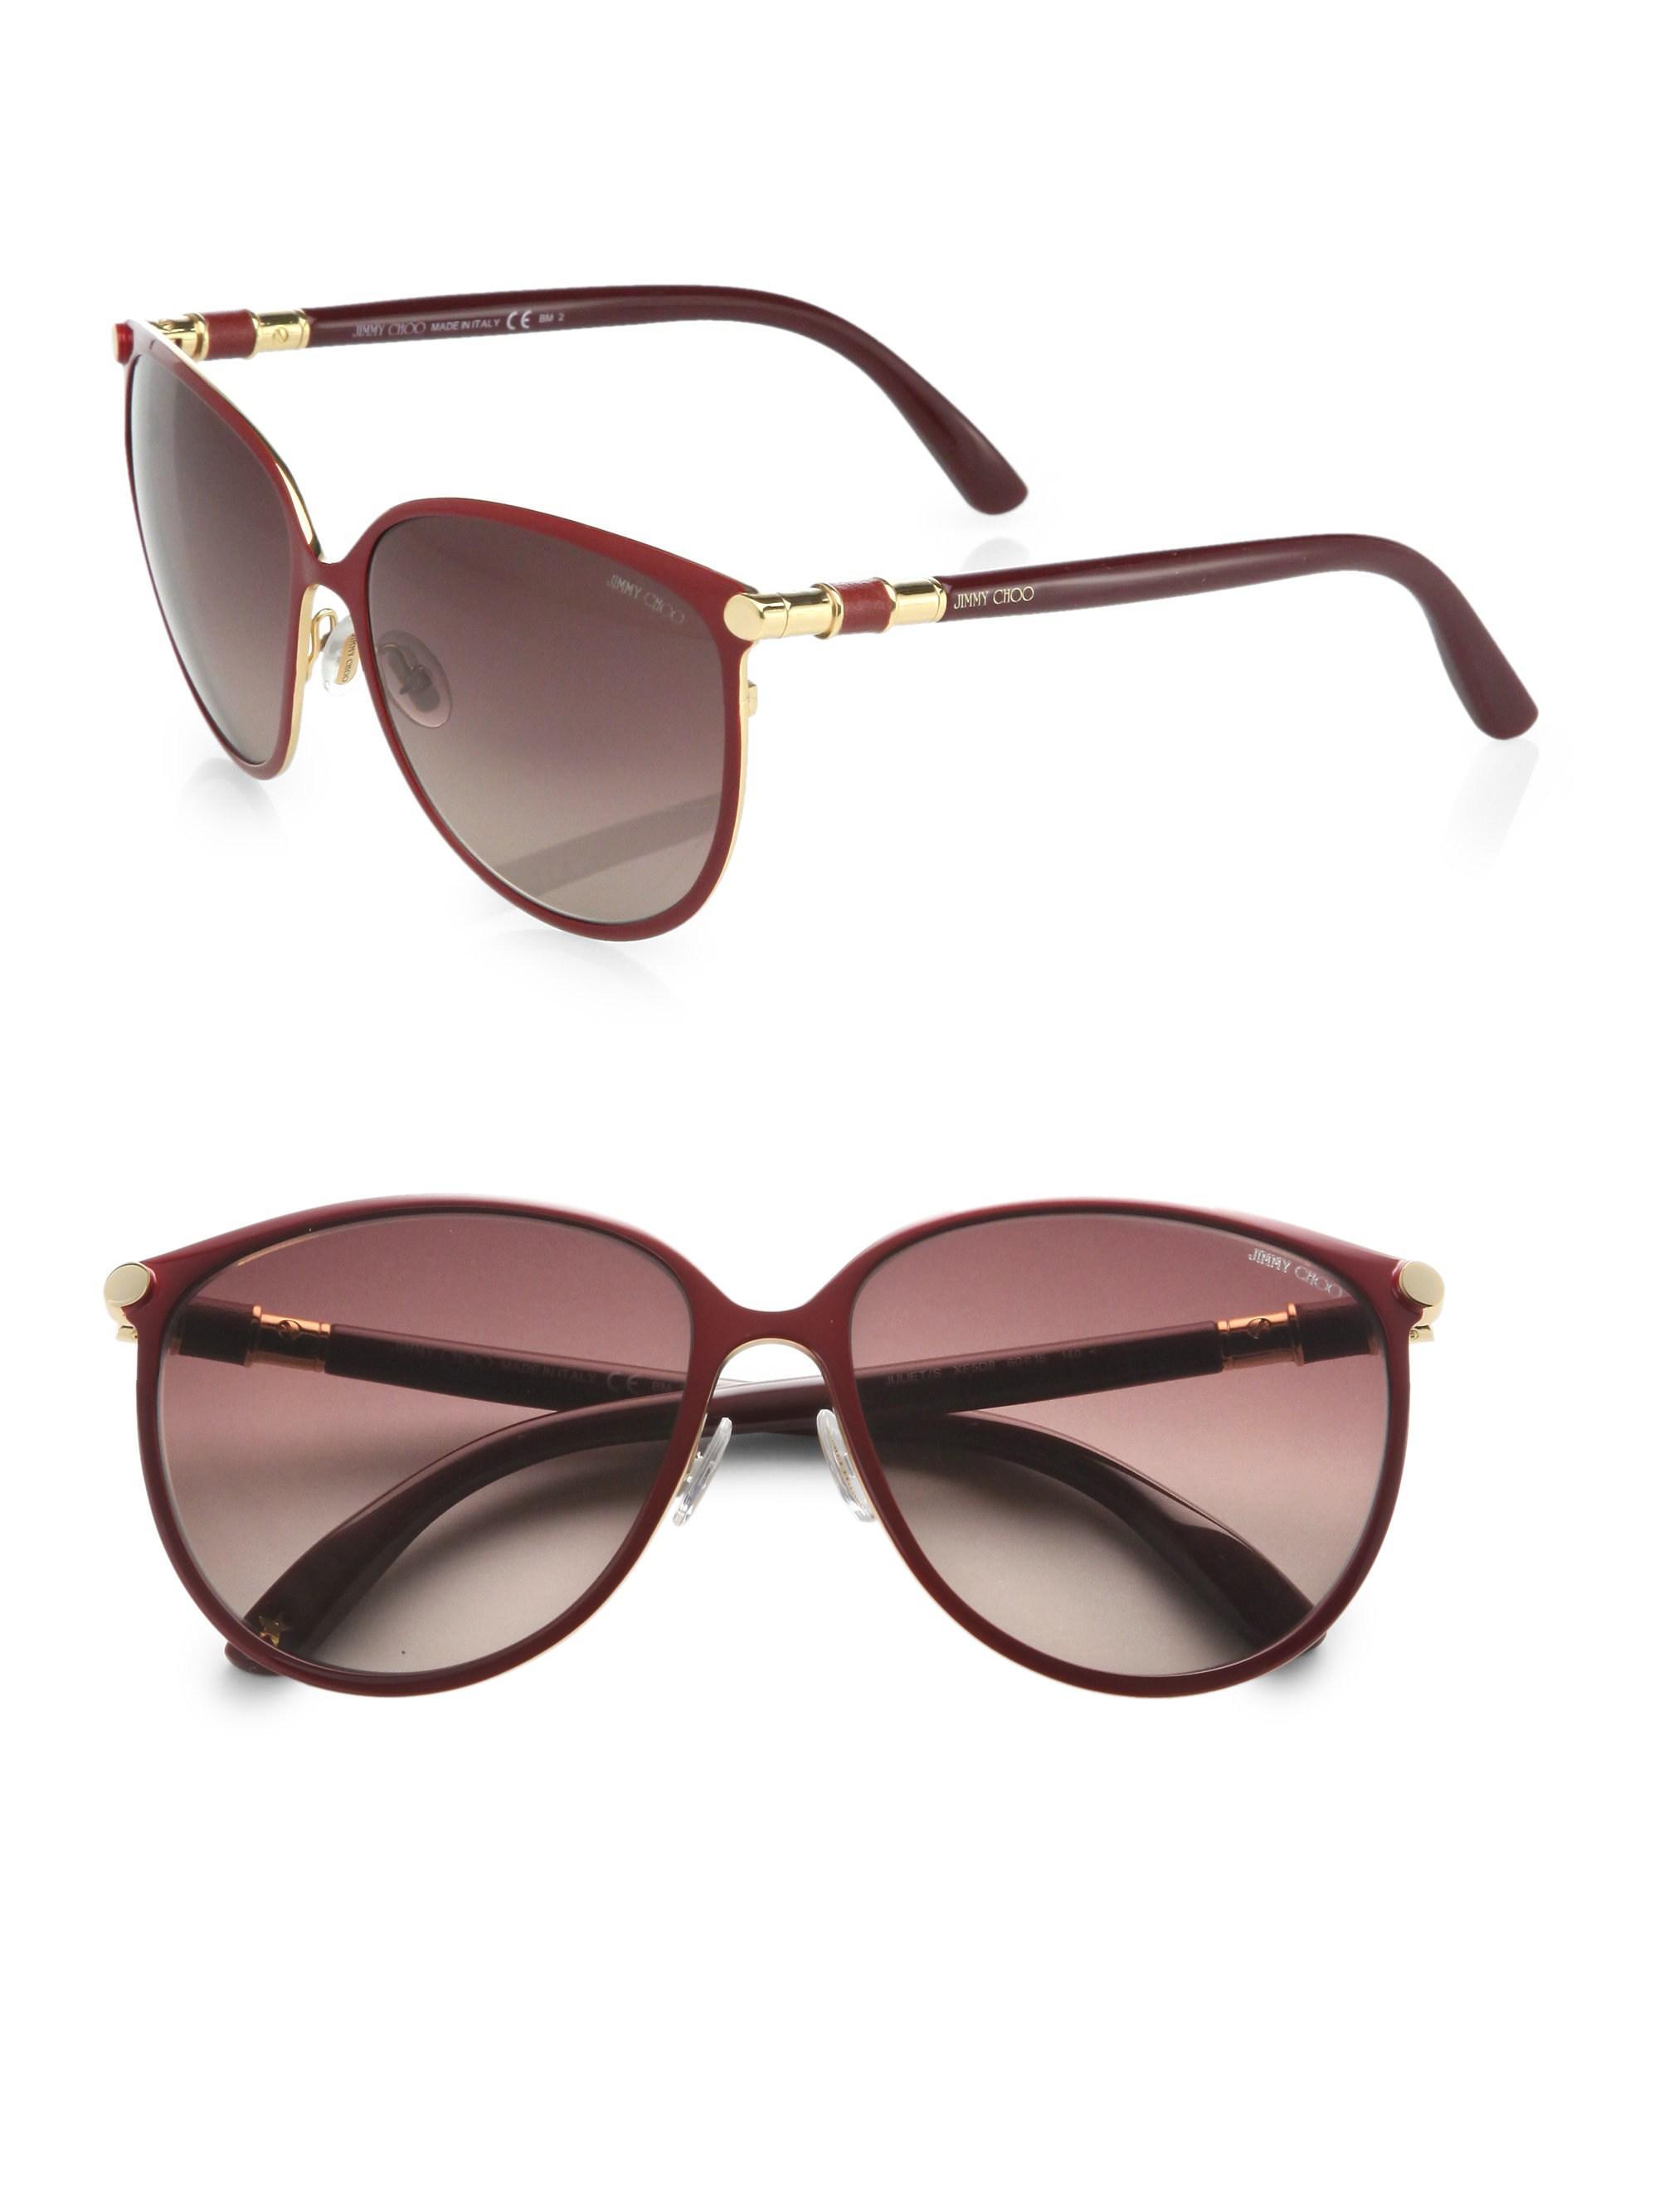 167d6a13a2 Jimmy Choo Juliet Cat s-eye Metal Sunglasses in Red - Lyst